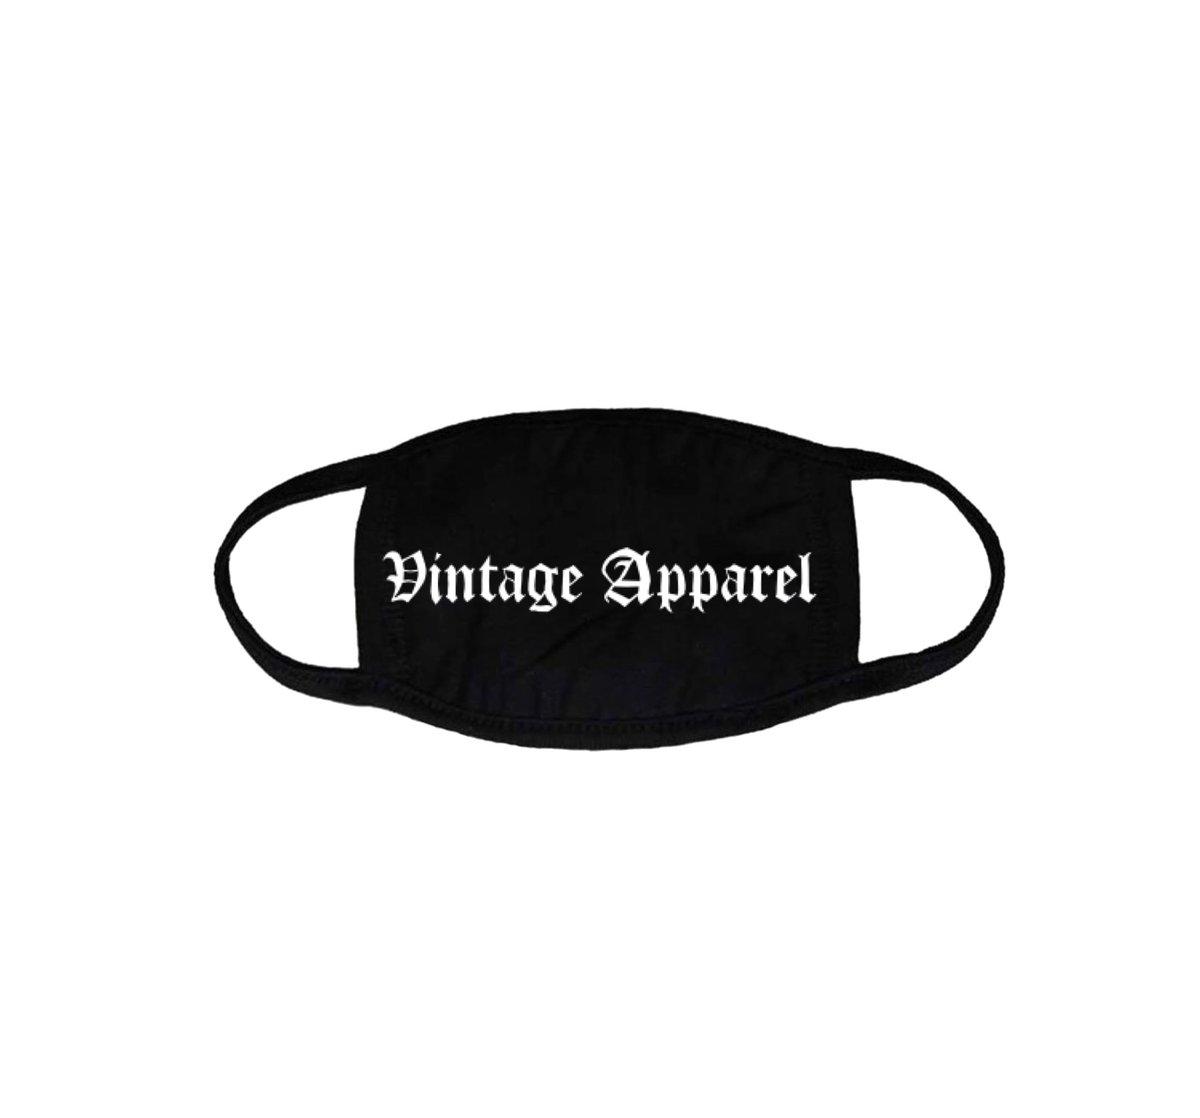 Vintage Apparel Masks